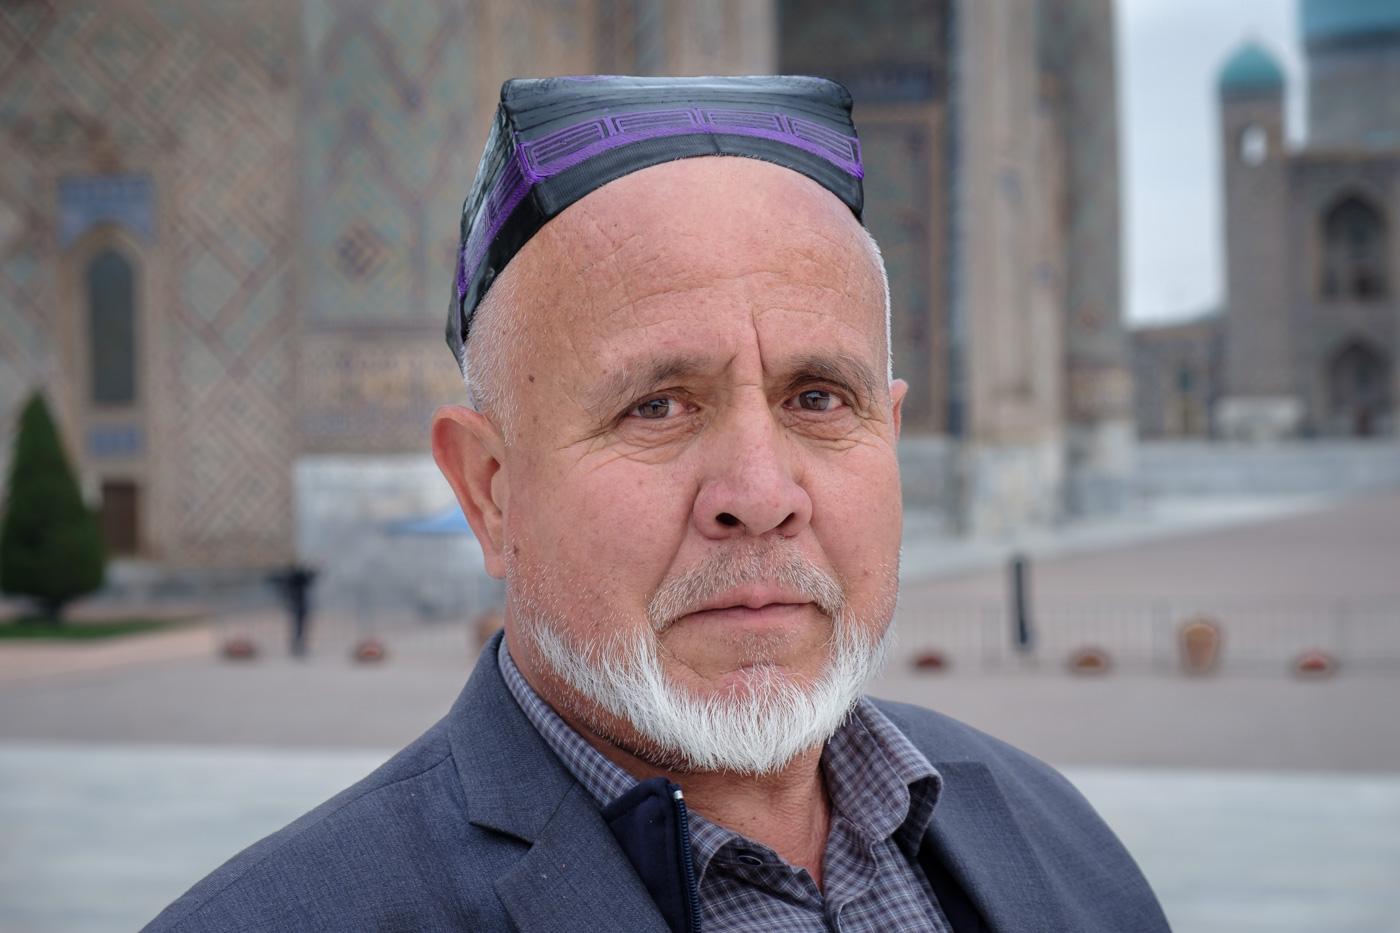 Usbeke mit traditioneller Kopfbedeckung, Duppi oder Tjubetejka genannt.